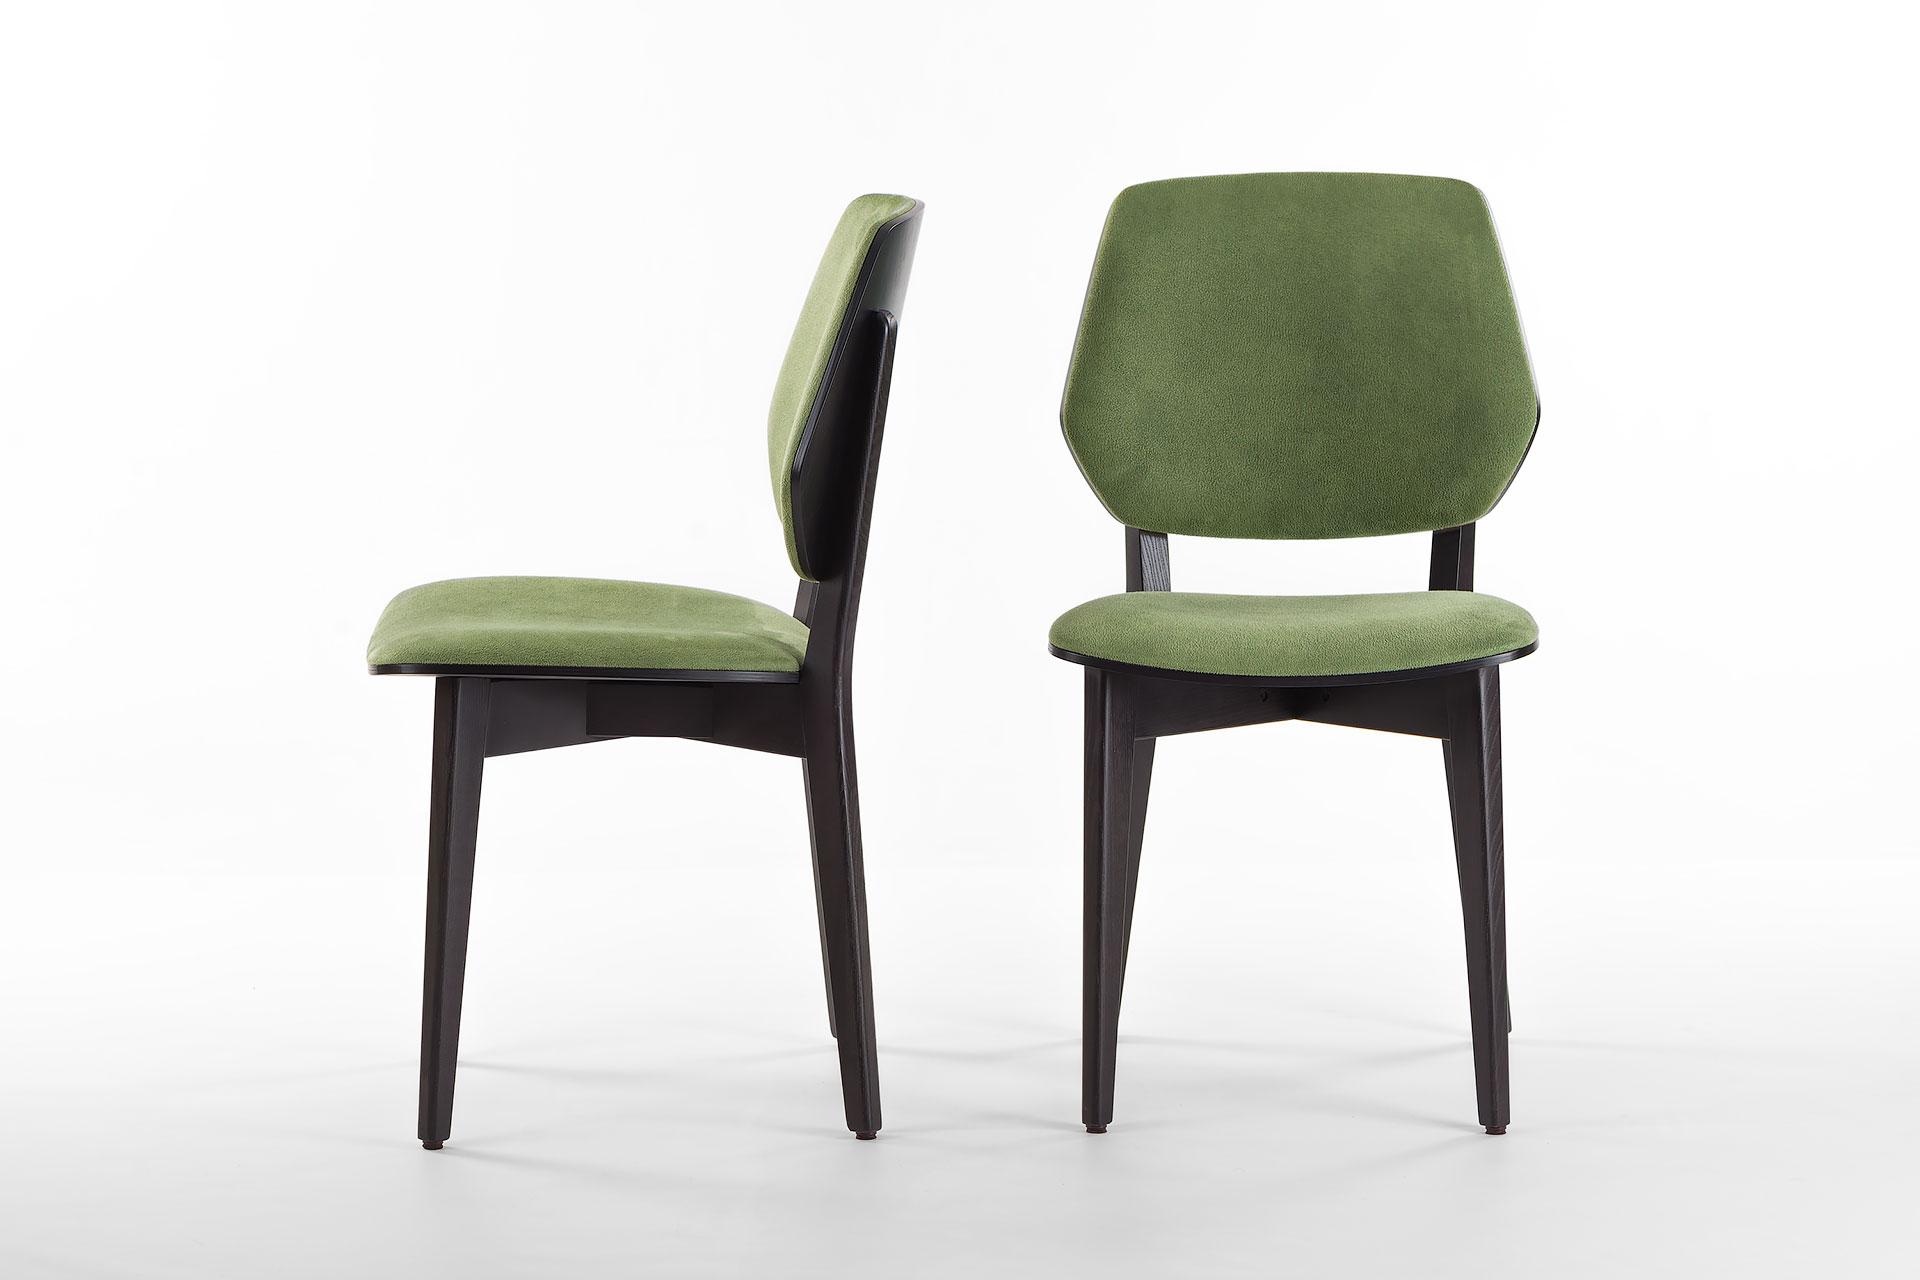 Кухонный стул 03В черно-зеленый, с мягкими сиденьем и спинкой из искусственной замши, Exim Mustang Light Green твердое дерево, цвет изделия SE7059 (спереди и сбоку)